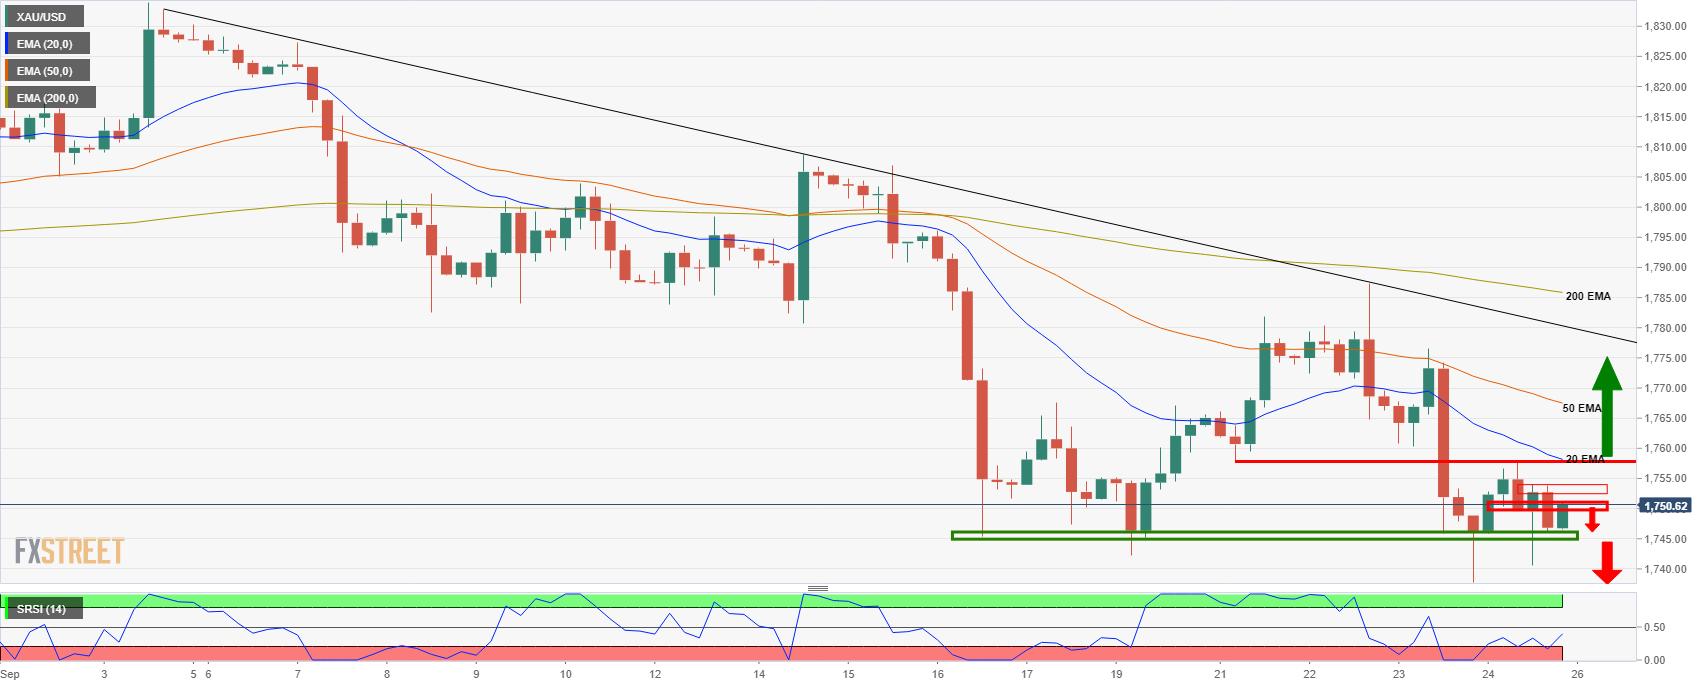 市場關鍵事件將給金價帶來波動,看跌偏向低于1760